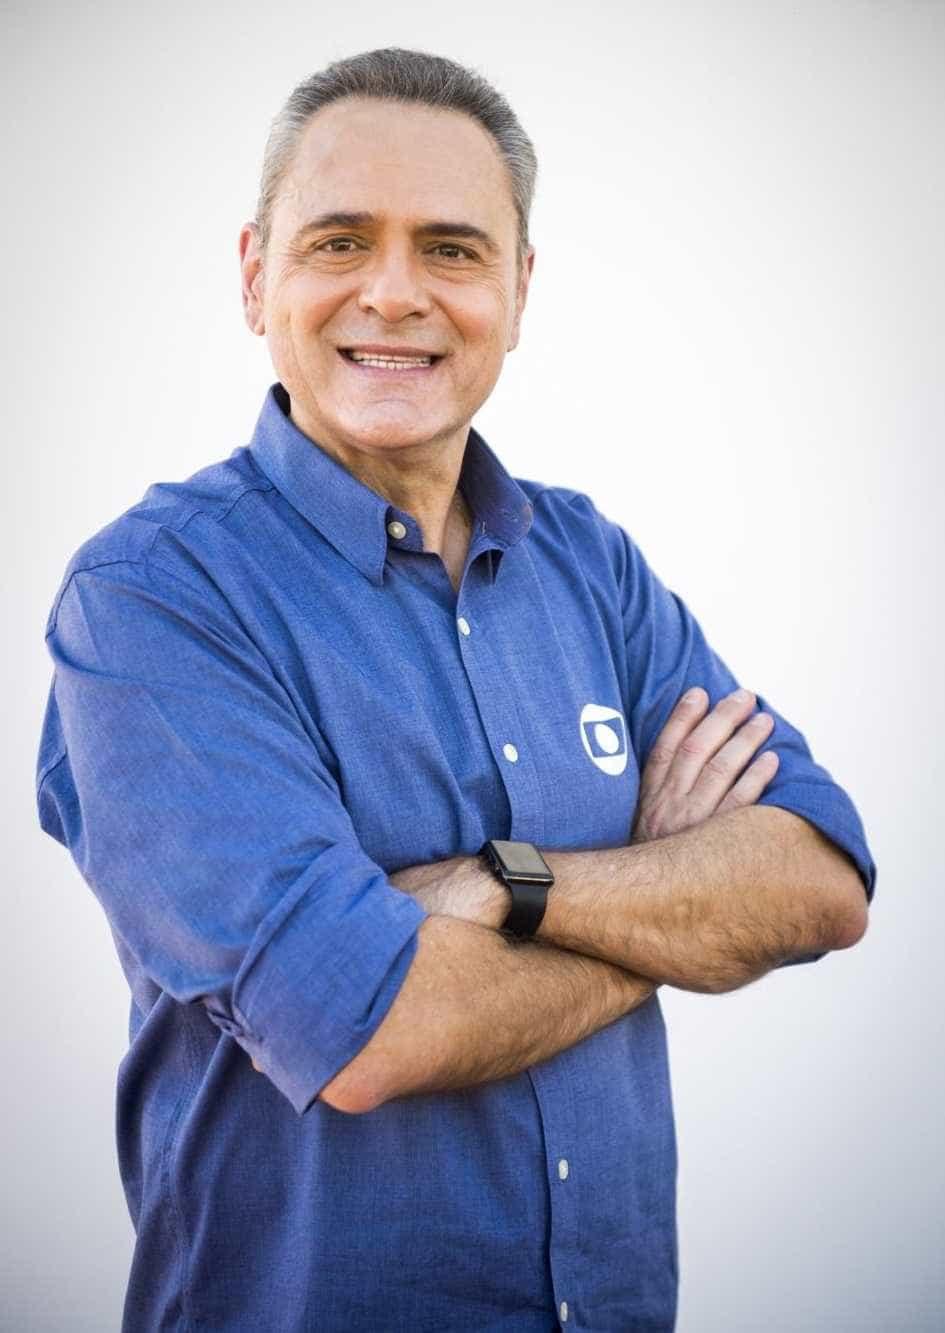 Polêmica! Narrador da Globo é acusado de copiar bordão de radialista